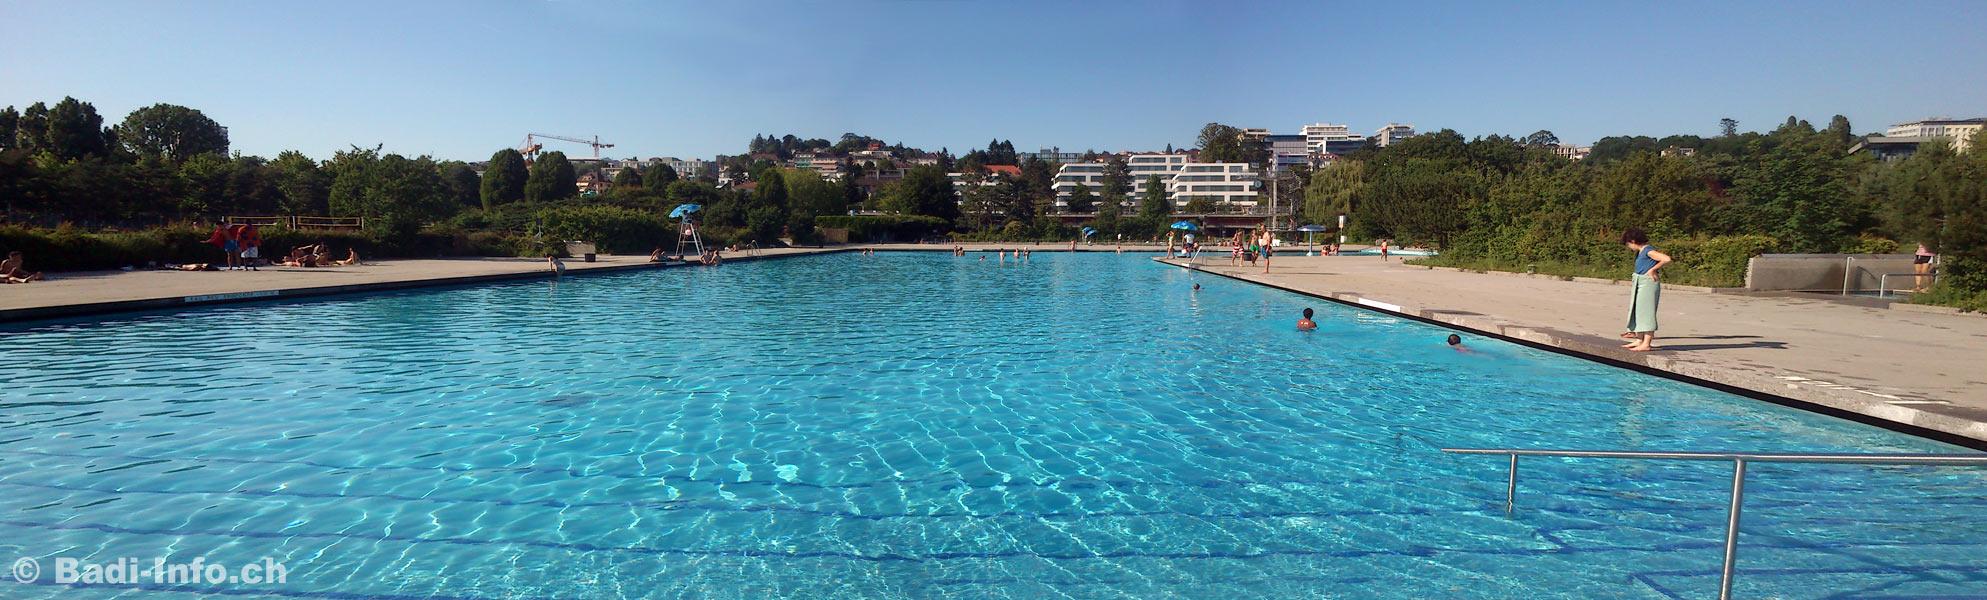 Piscine bellerive plage lausanne bassin non nageurs for Piscine lausanne